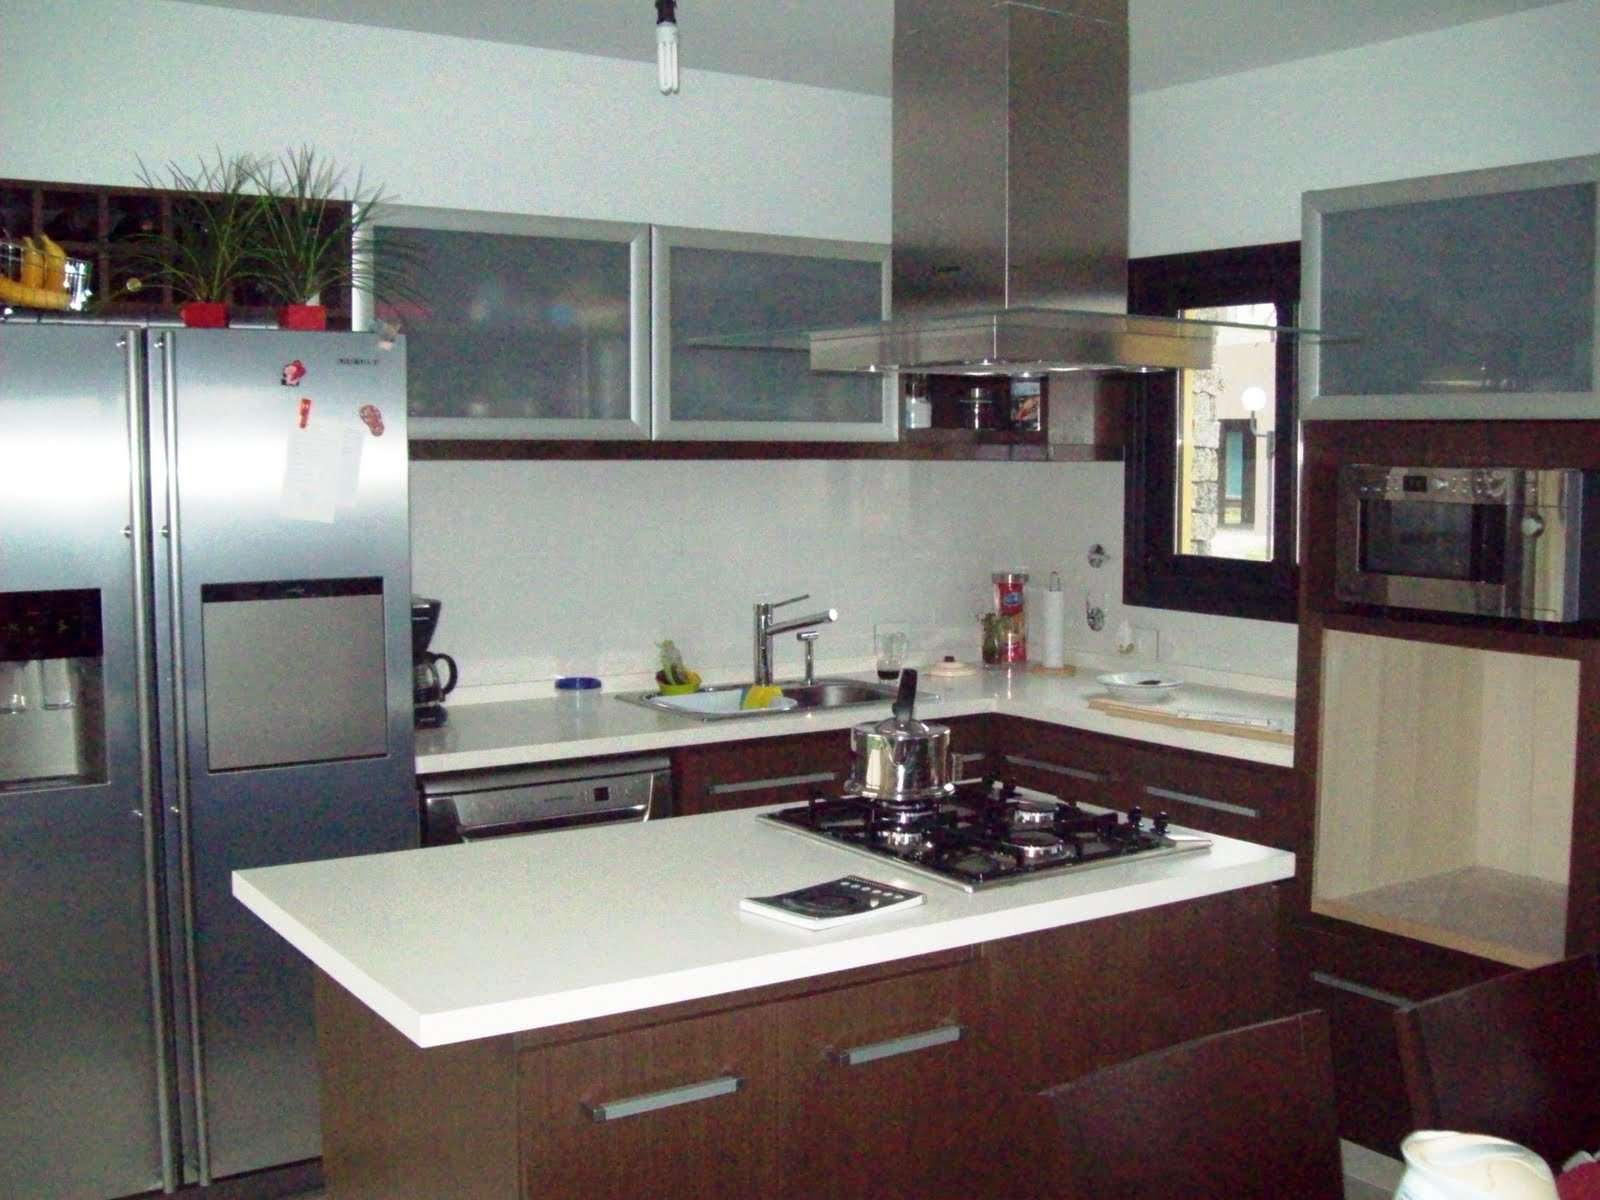 Estilos el uso de las islas en la cocina for Cocinas integrales con isla